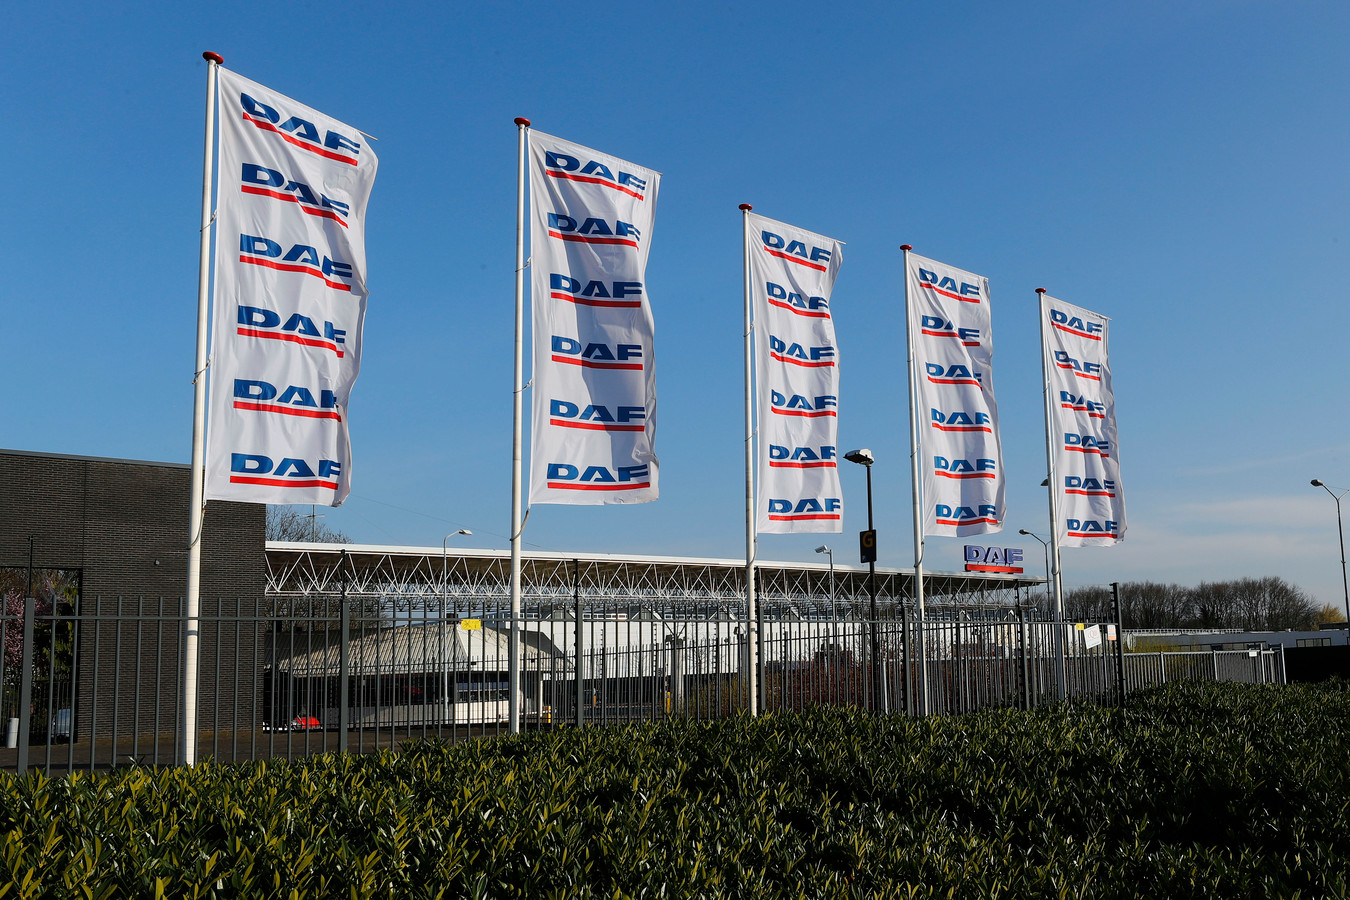 DAF in Eindhoven